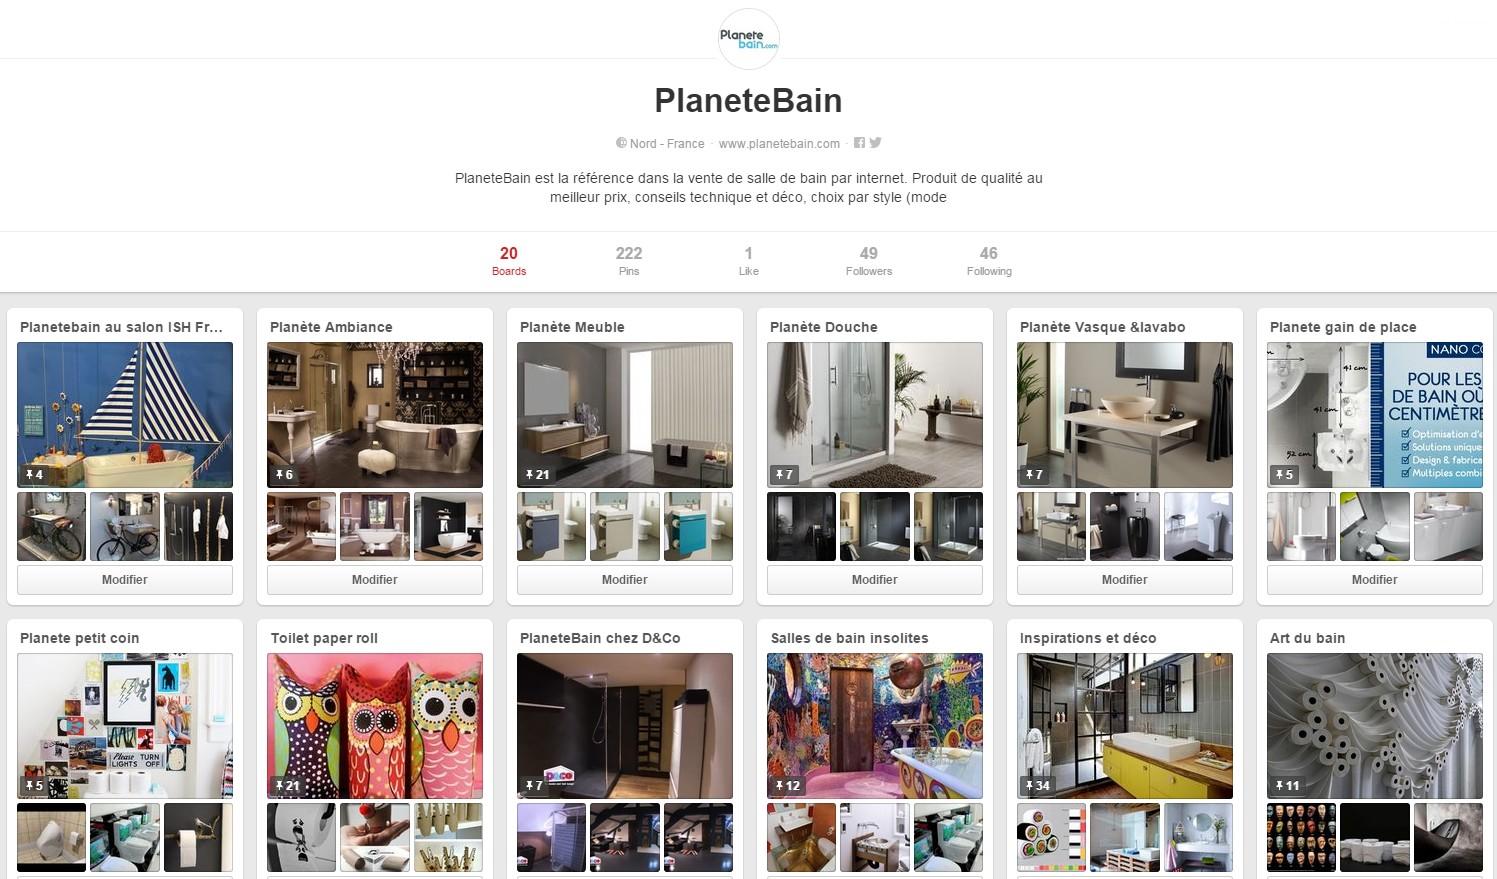 conseil en am nagement de salle de bain par planetebain le blog. Black Bedroom Furniture Sets. Home Design Ideas